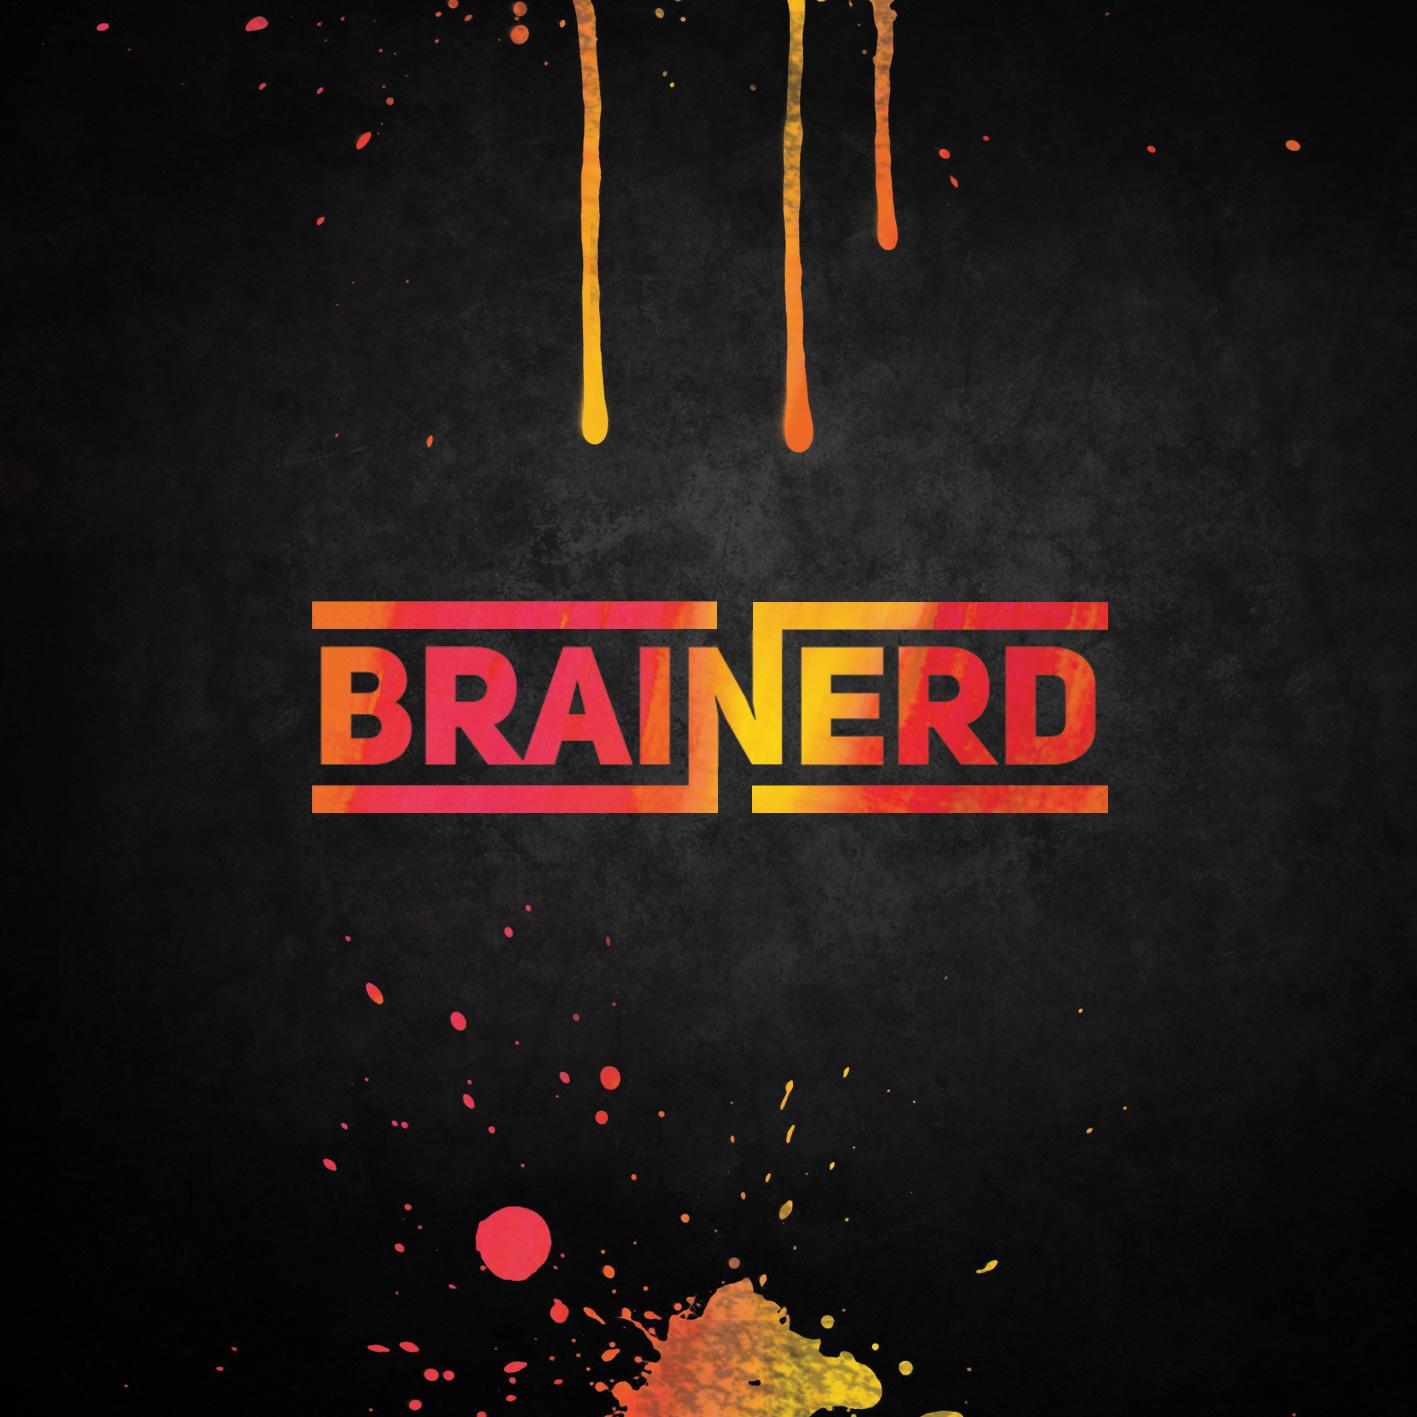 Brainerd - Mr. Blacksmith